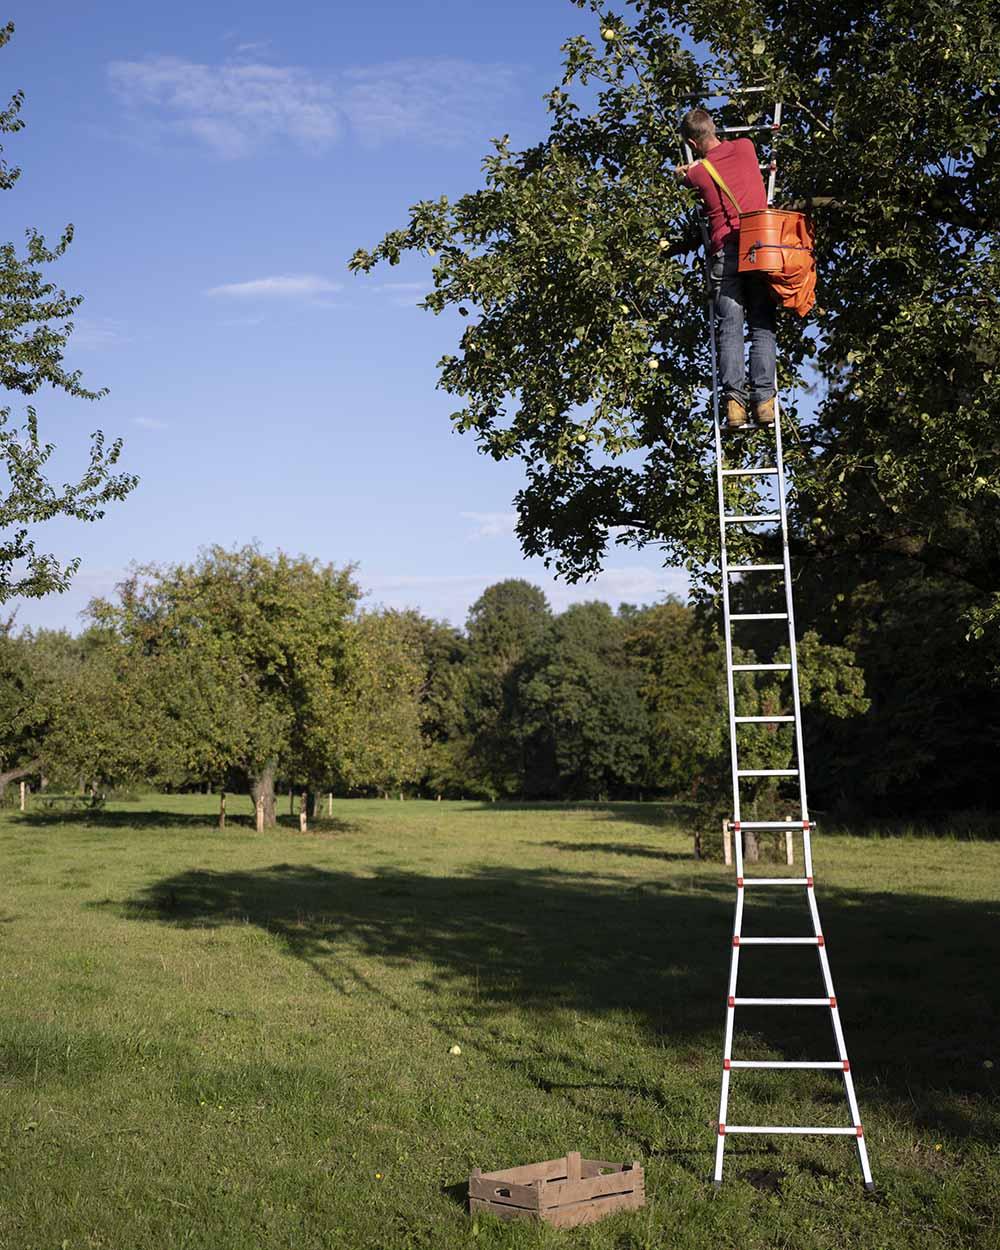 Henning steht ganz oben auf der Leiter. Er pflückt von einem alten Apfelbaum die Äpfel der Sorte Fürst Blücher.